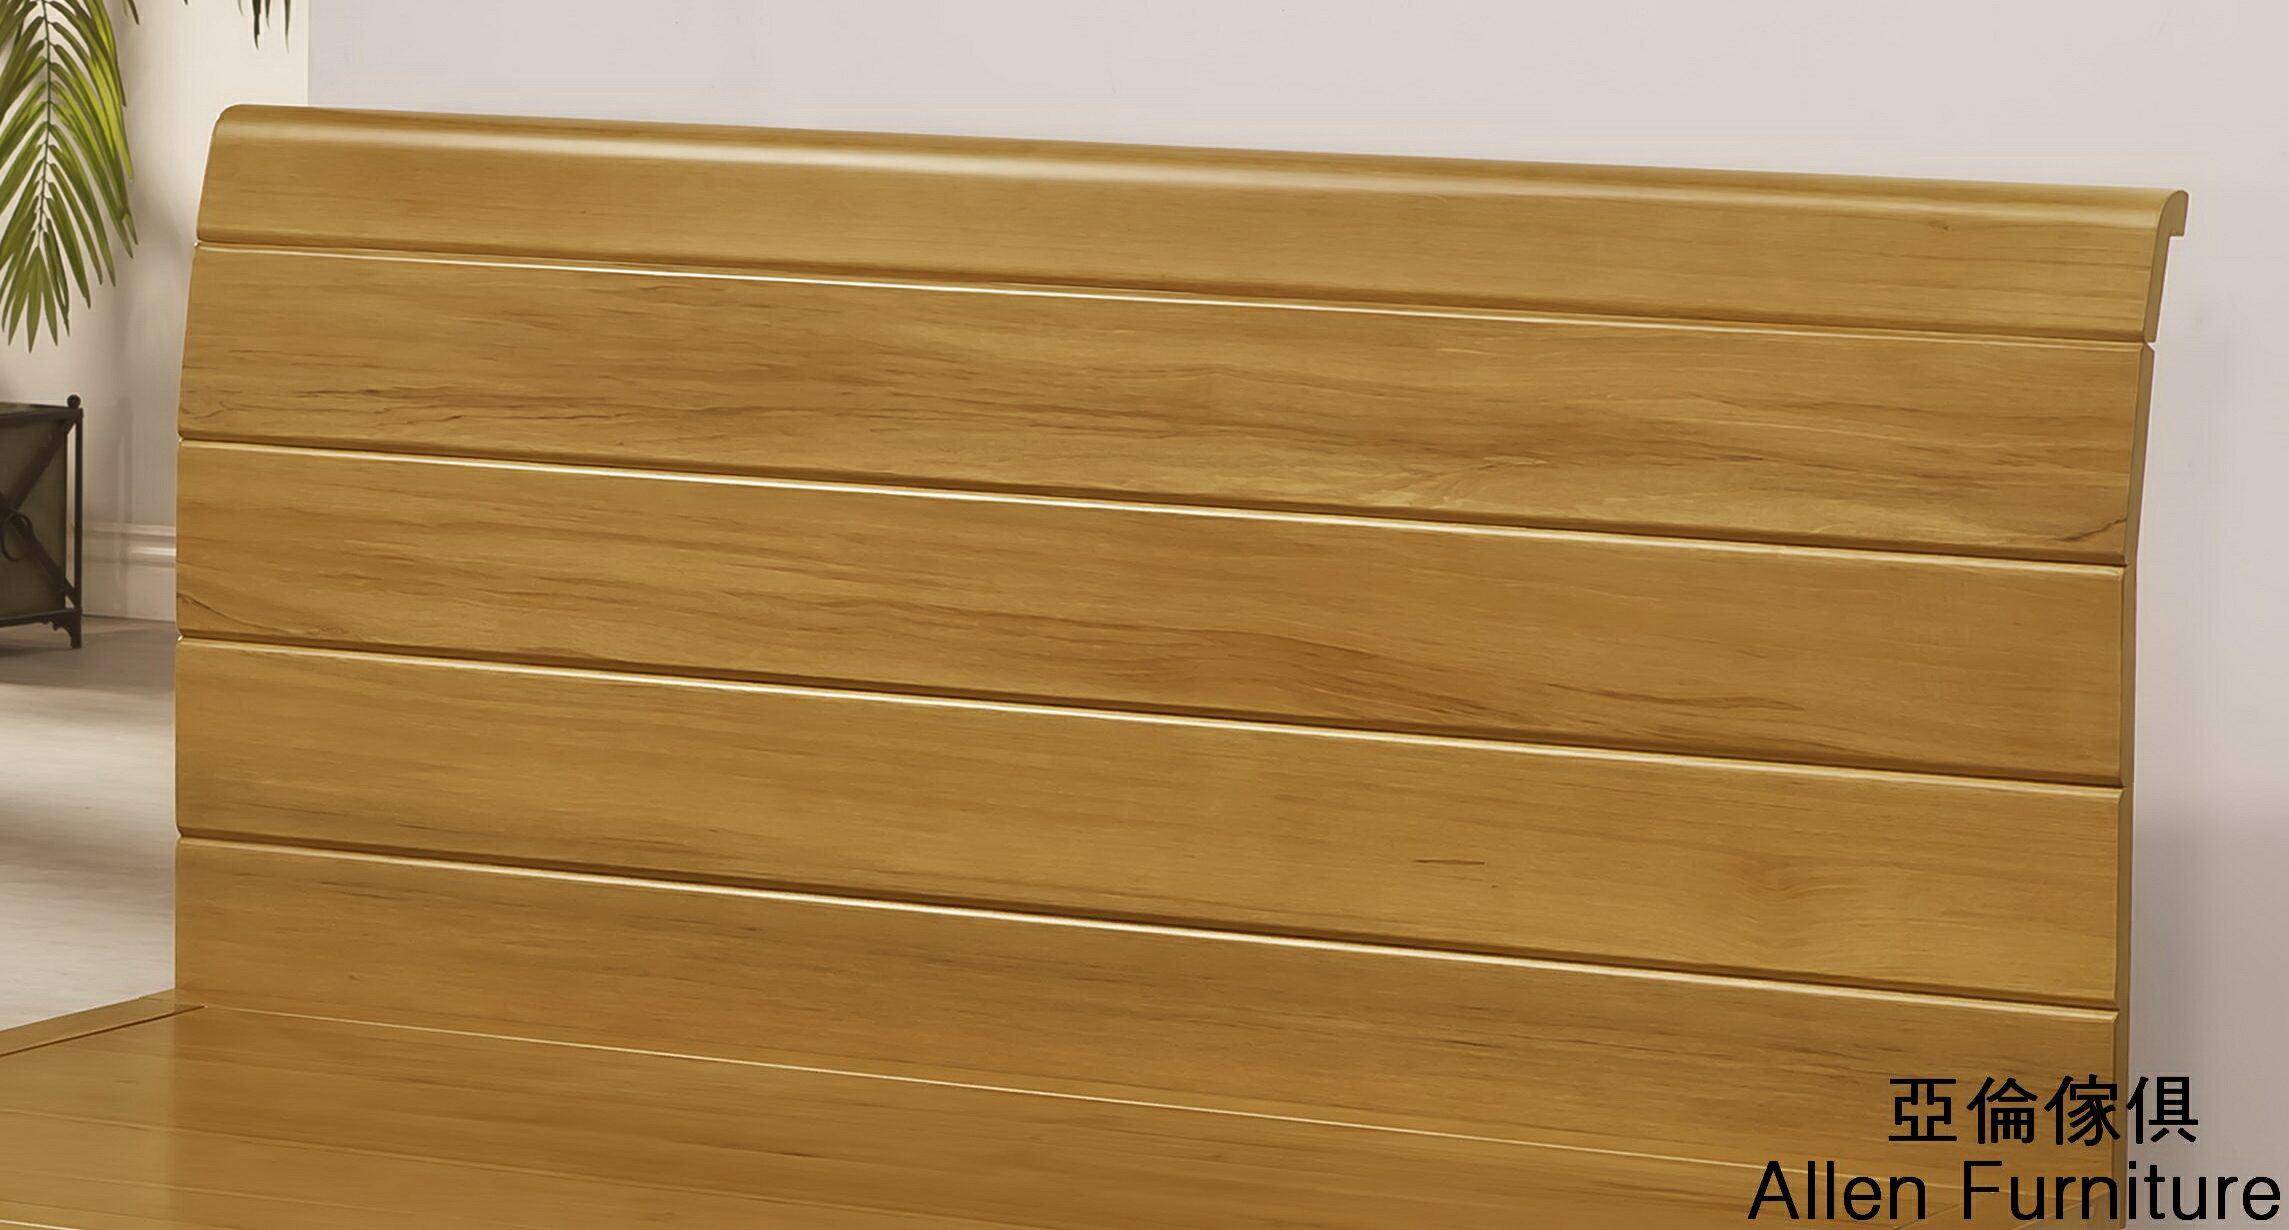 亞倫傢俱*貝利亞紐松全實木5尺雙人床架 2